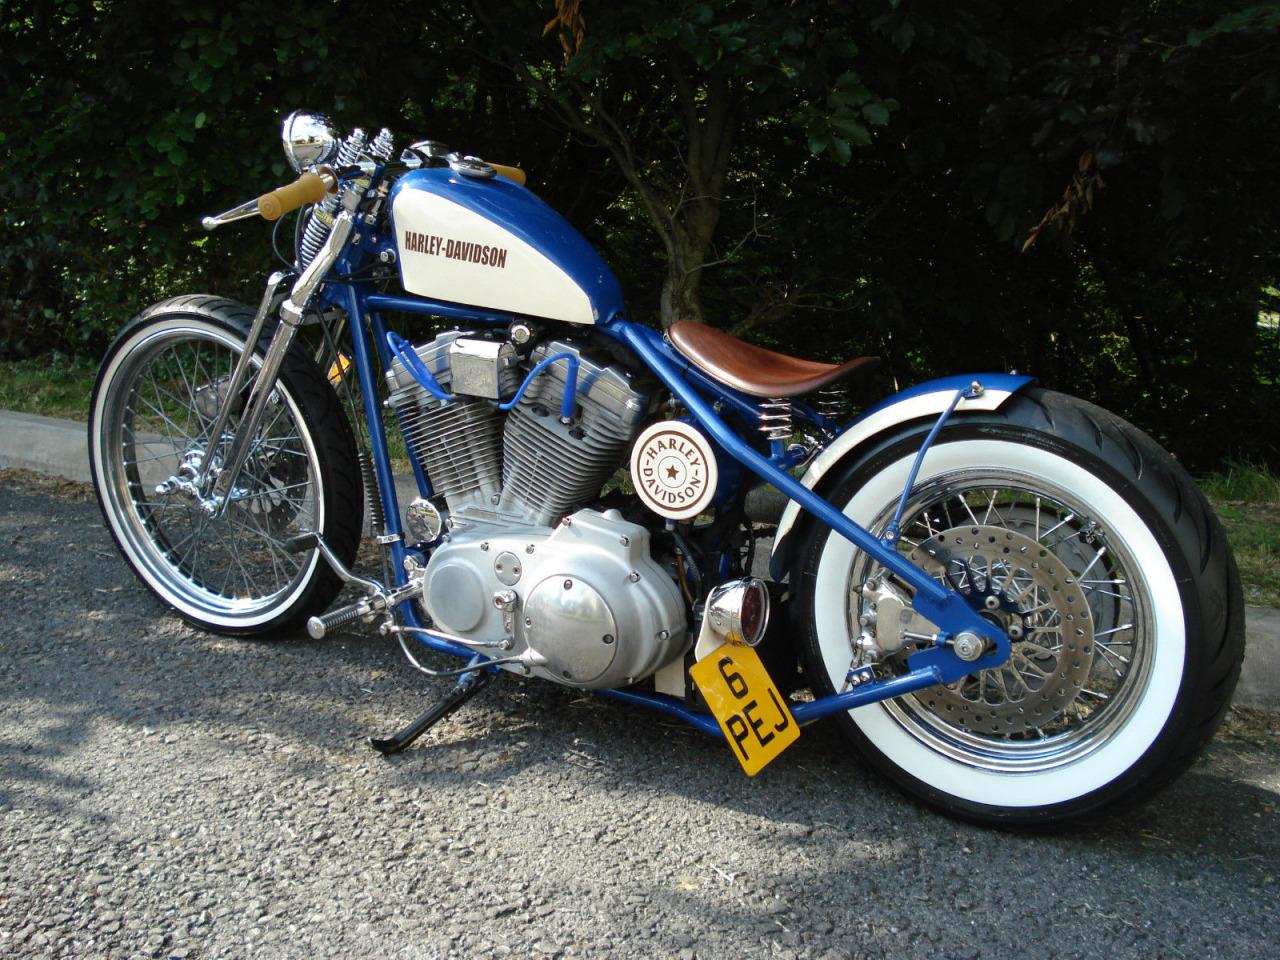 hb-xl-883C-sportster-bobber-04